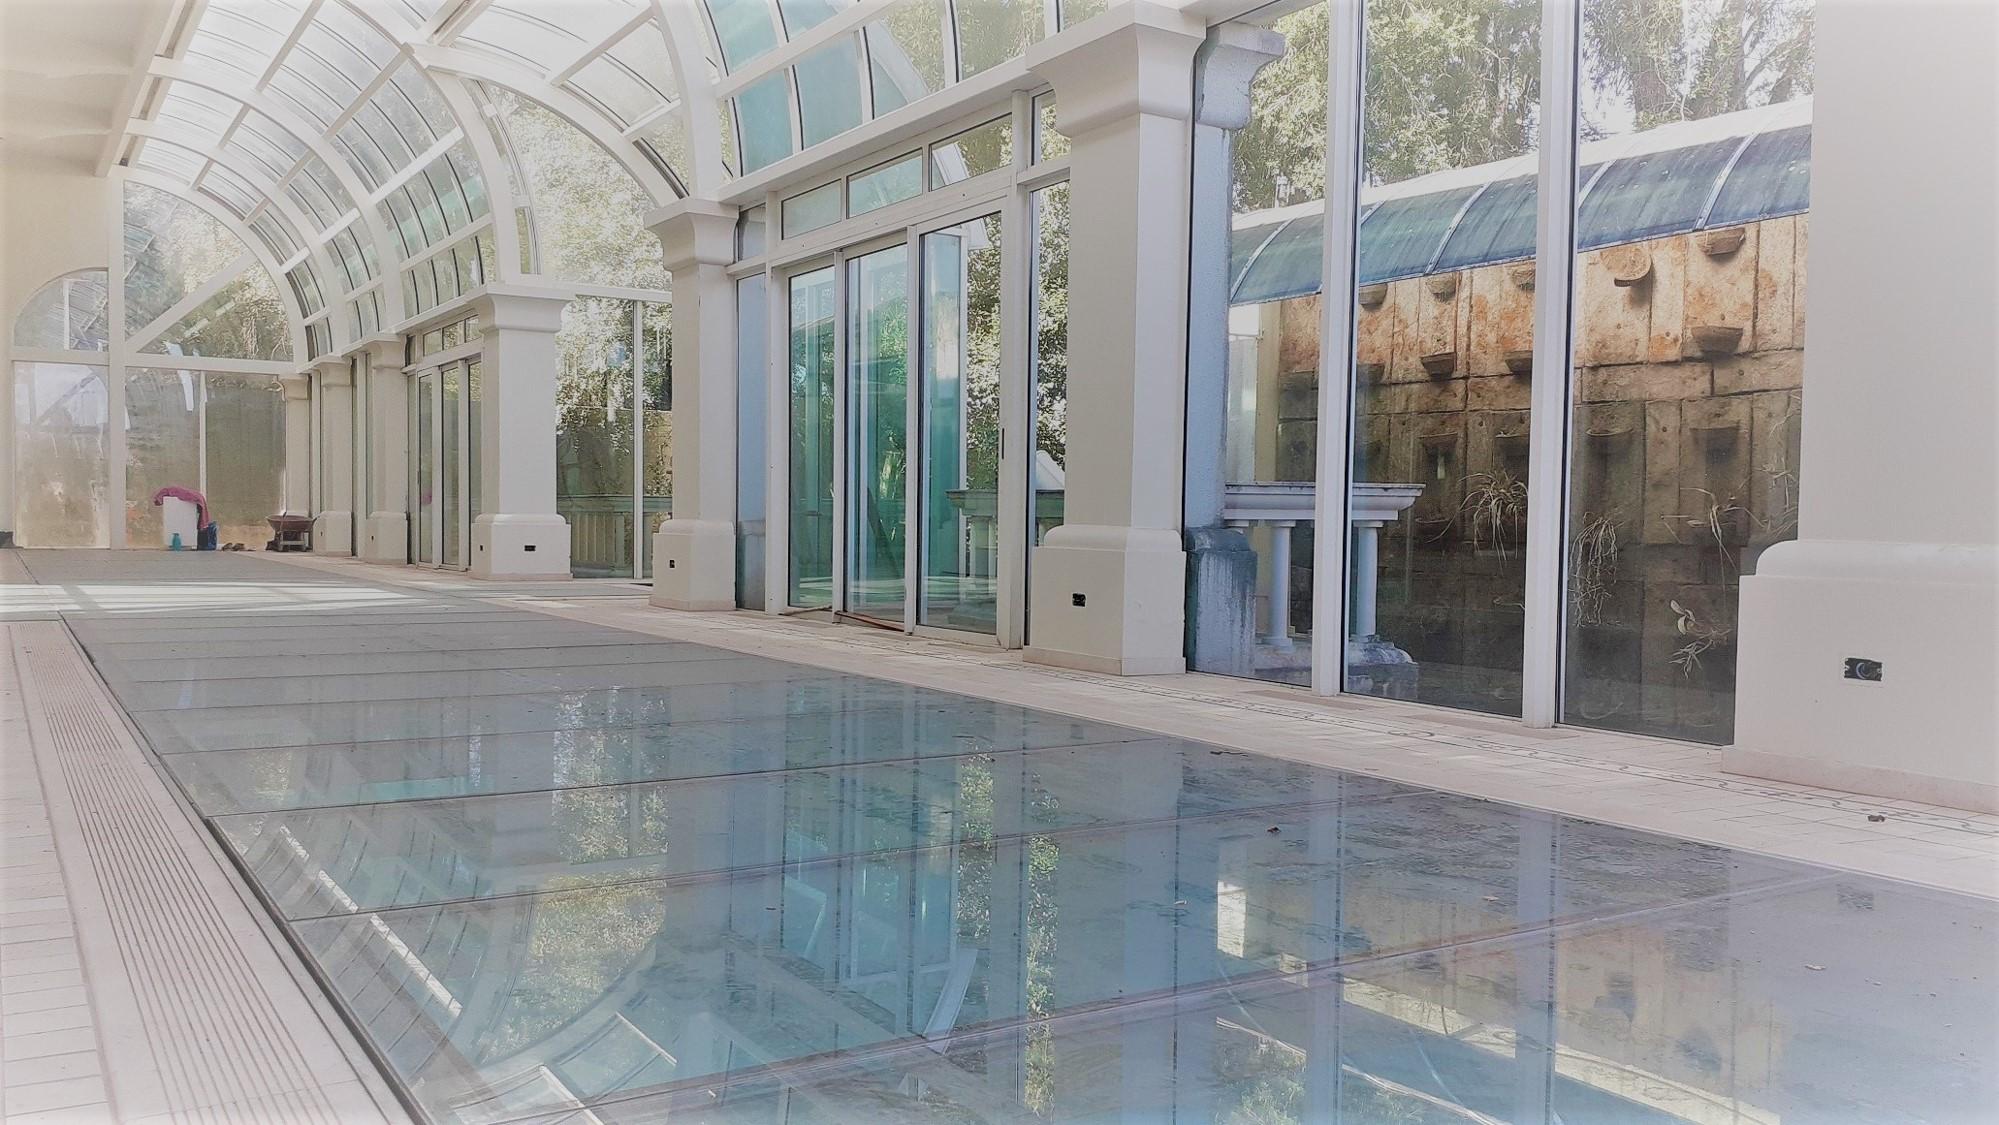 https://0201.nccdn.net/1_2/000/000/108/a21/012-_-piscina-coberta-aquecida.jpg